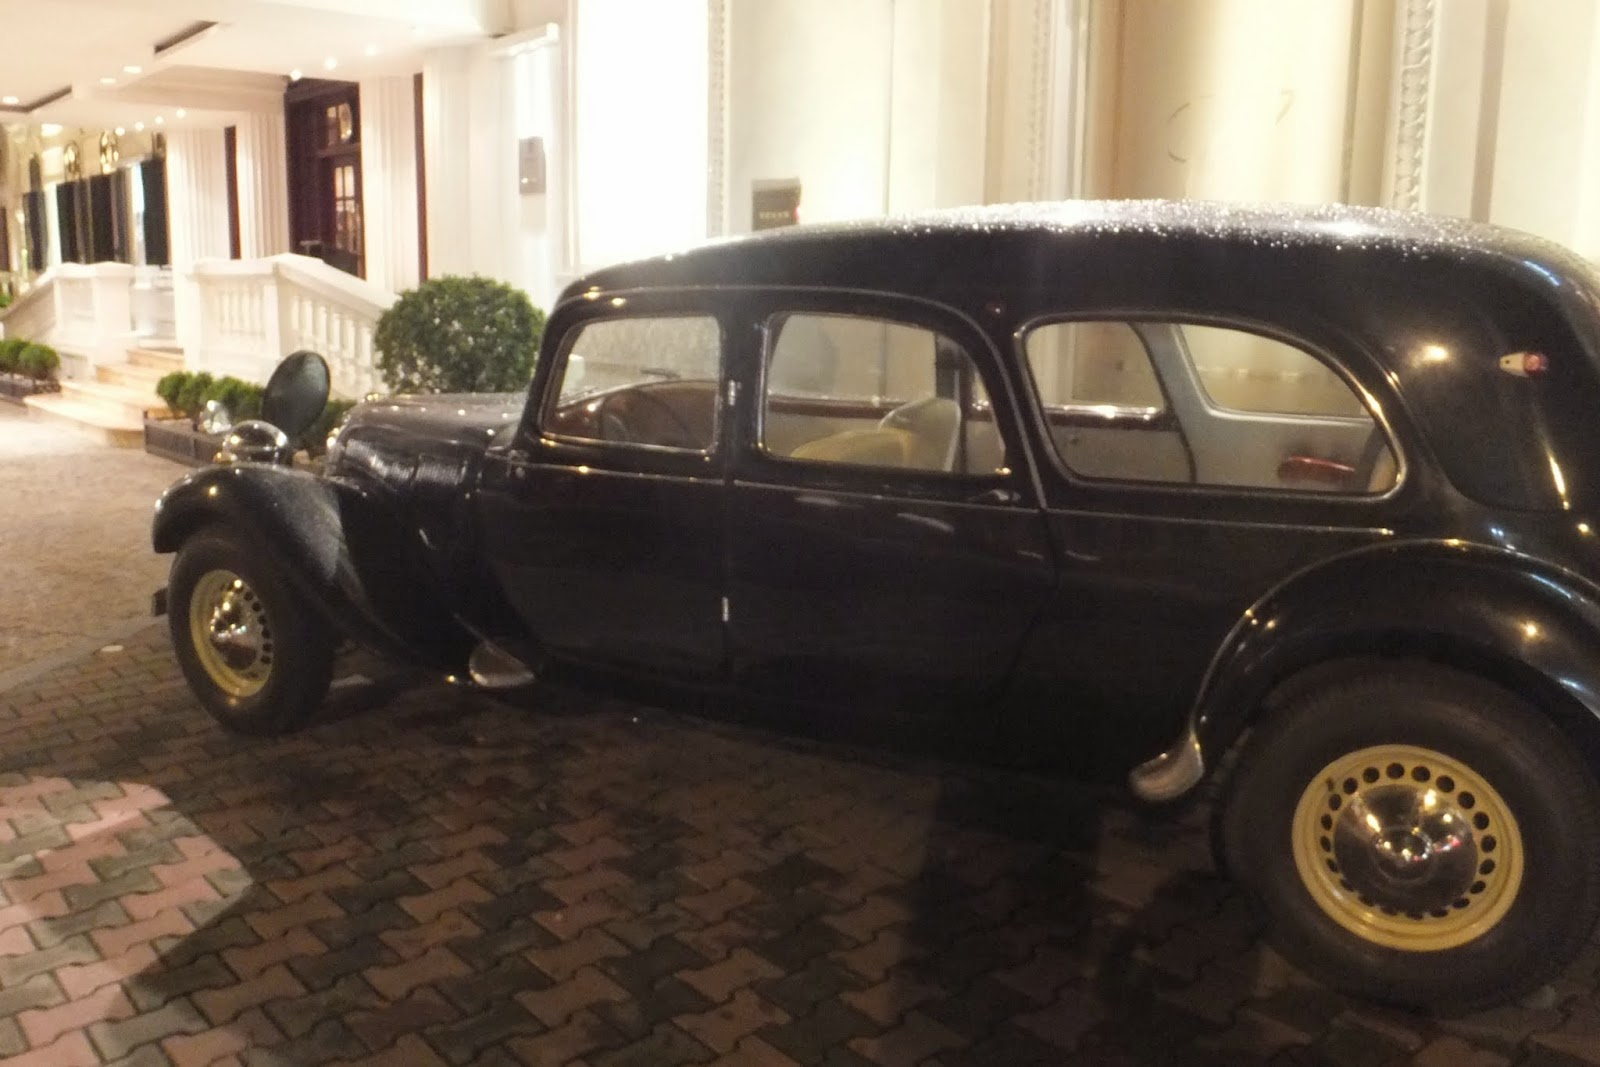 old-car 古い車